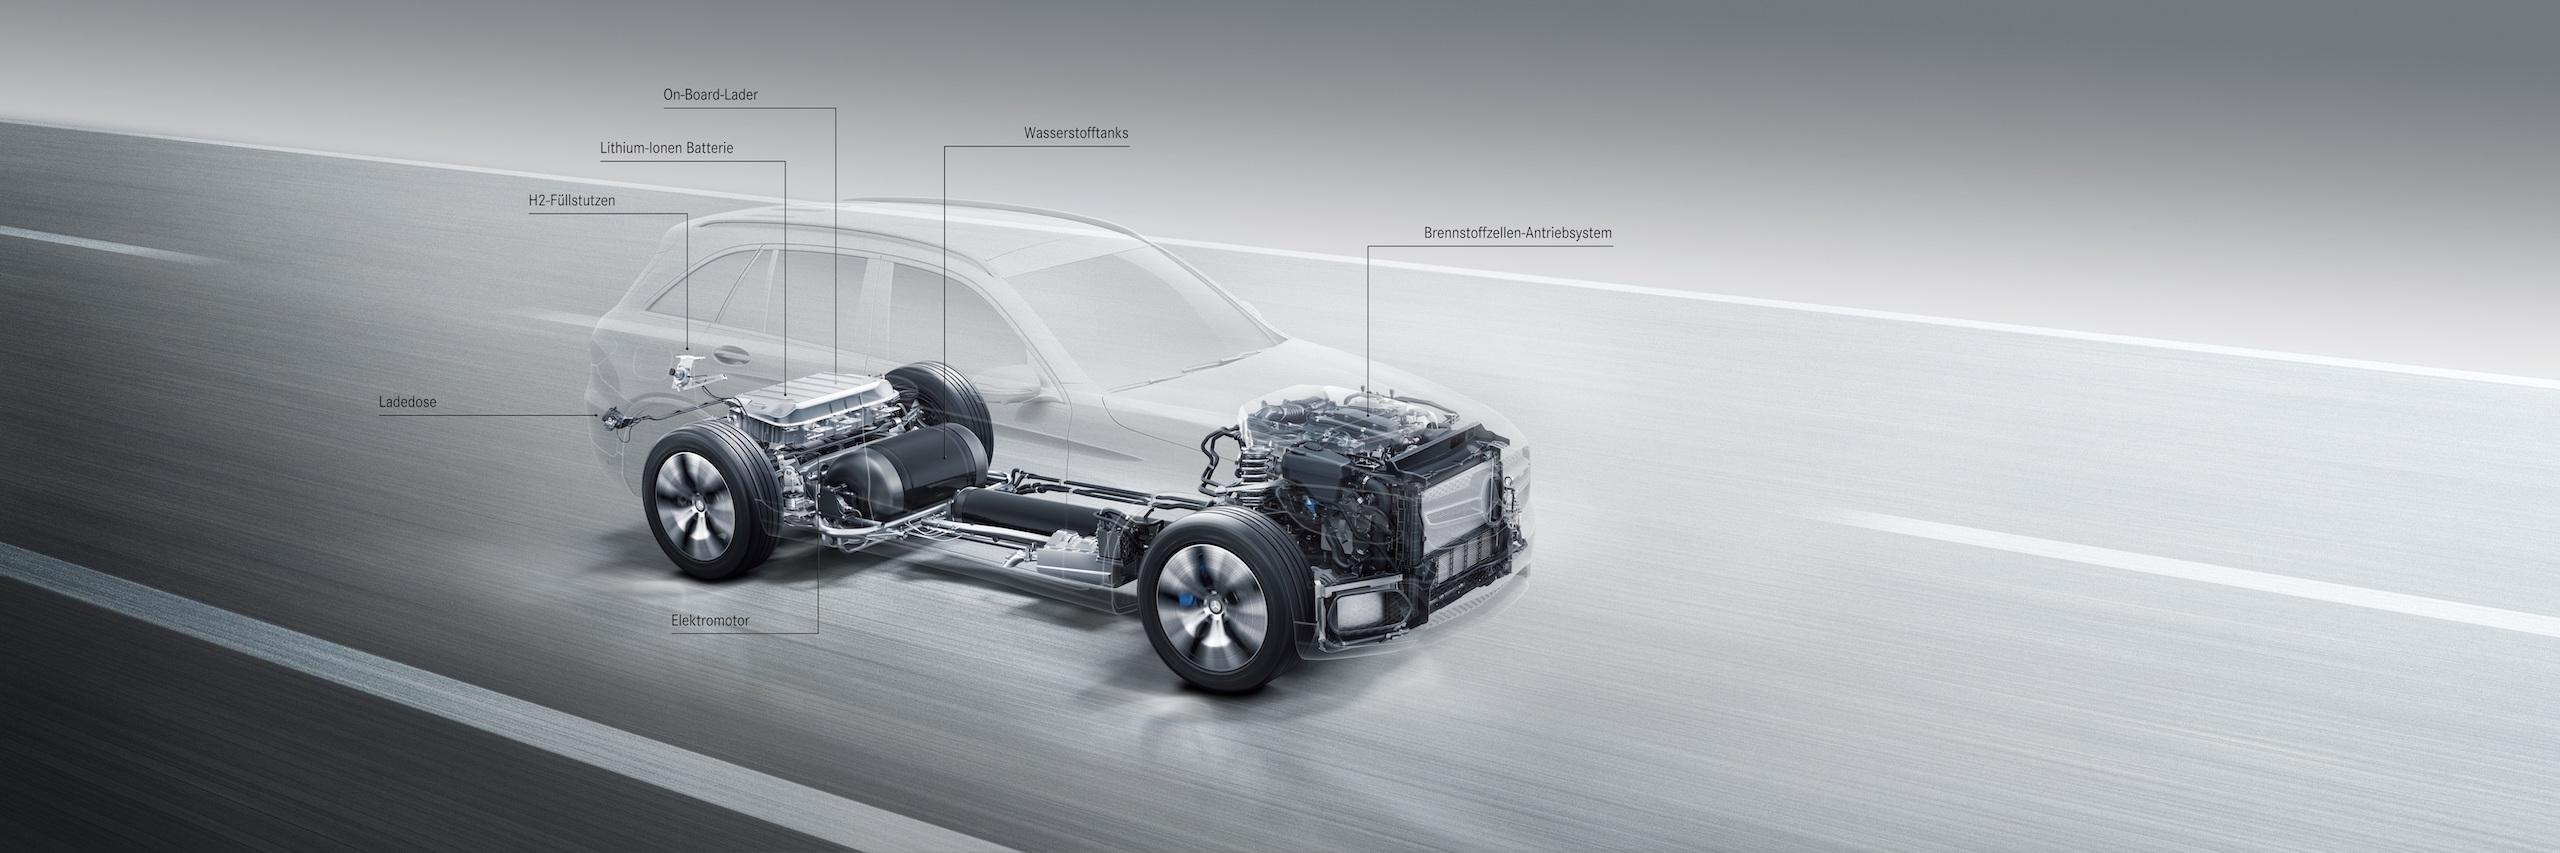 Die kompakte Brennstoffzelle passt in den Motorraum, im Heck unterstützt ein 9 kWh fassender Lithium-Ionen-Akku den GLC F-Cell